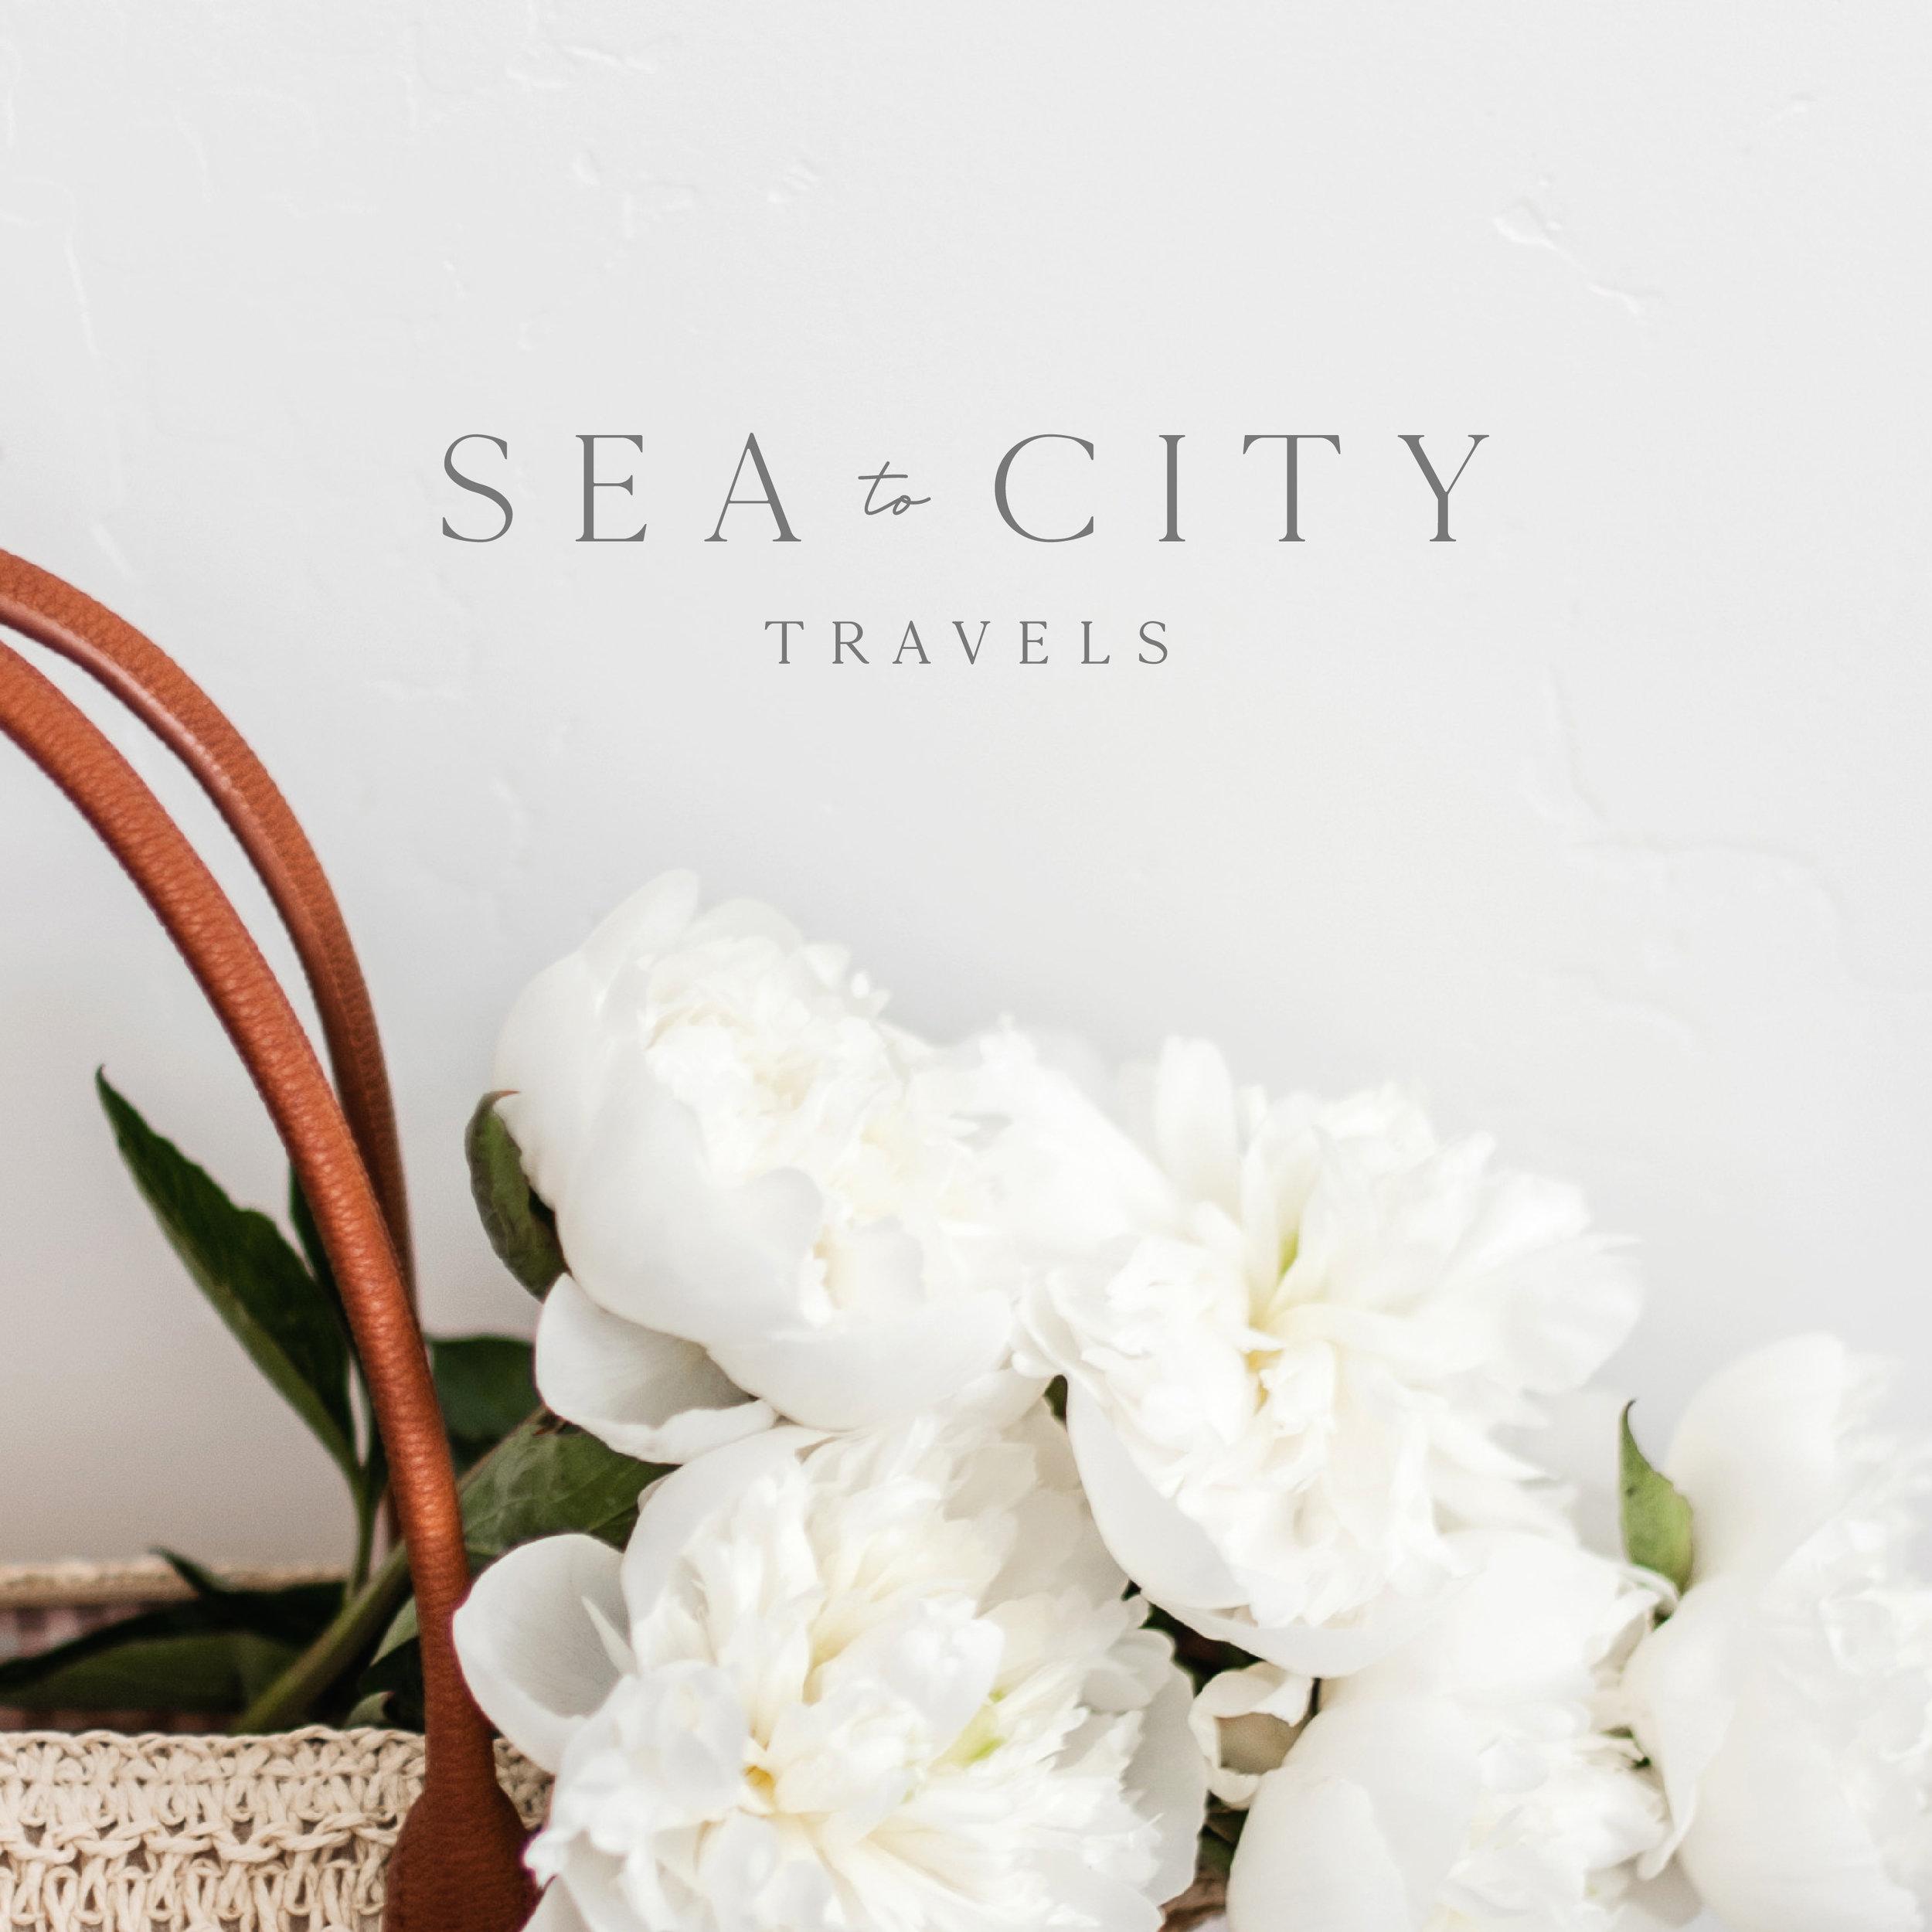 modern-travel-blog-branding-33.jpg